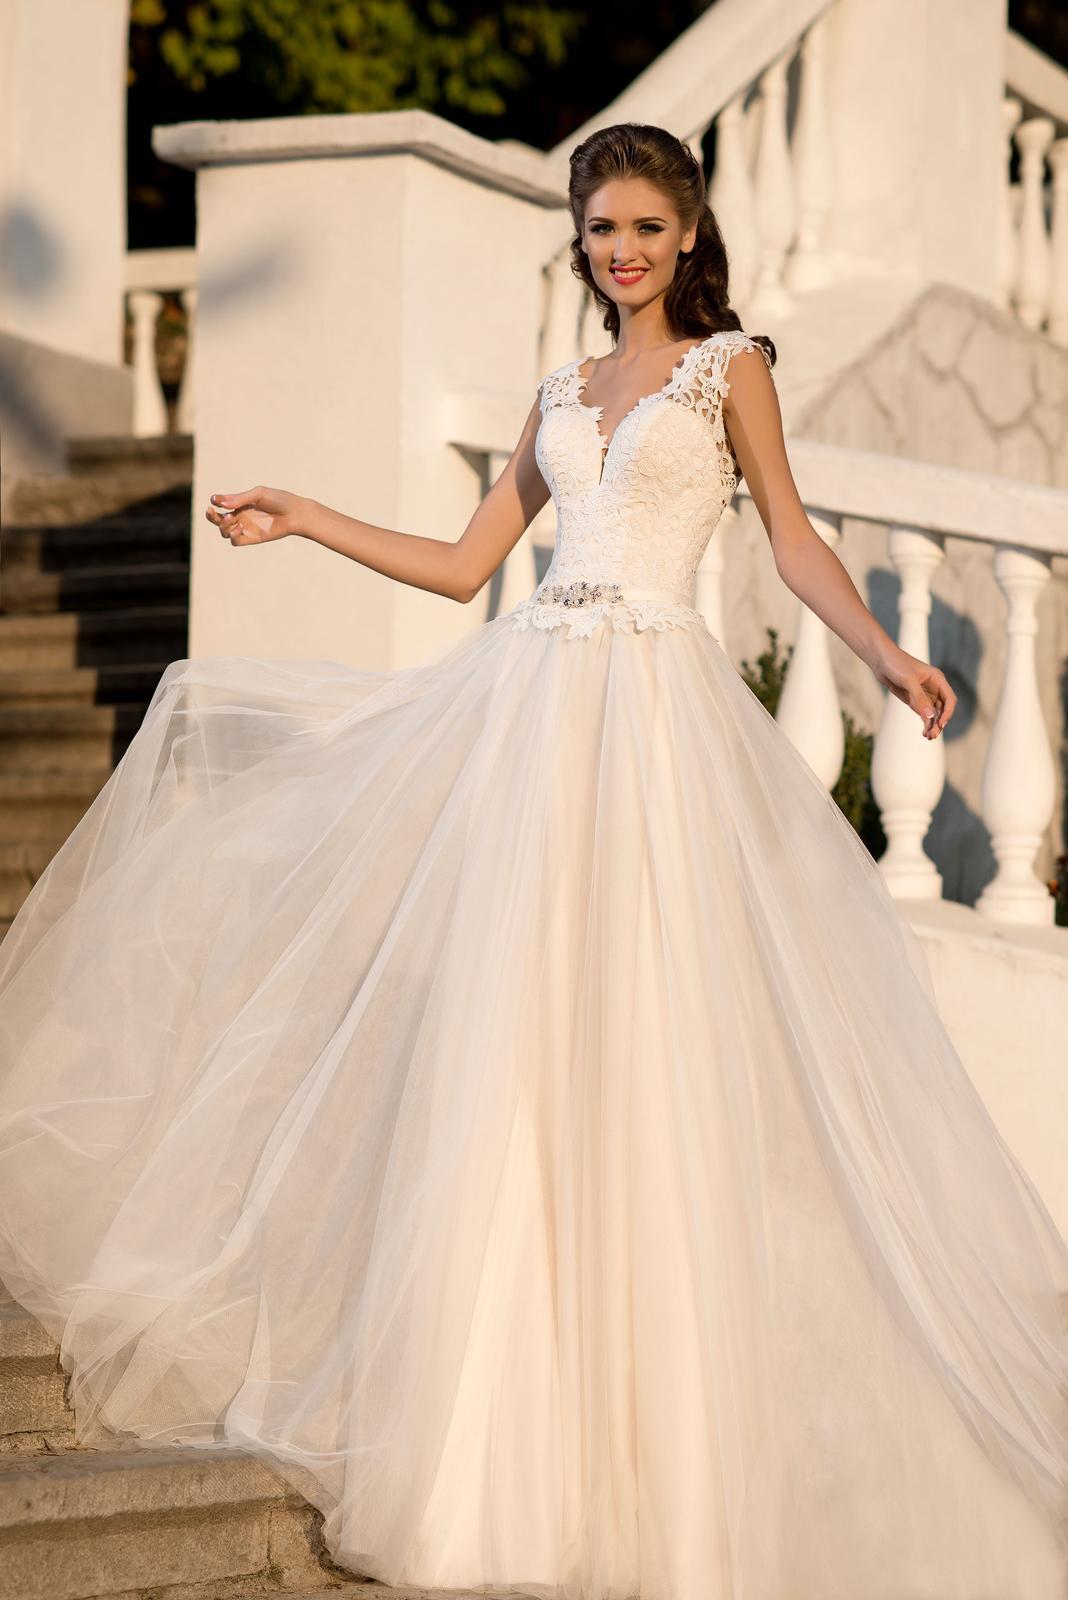 e195b95aba45 Ružovkasté svadobné šaty s krajkou